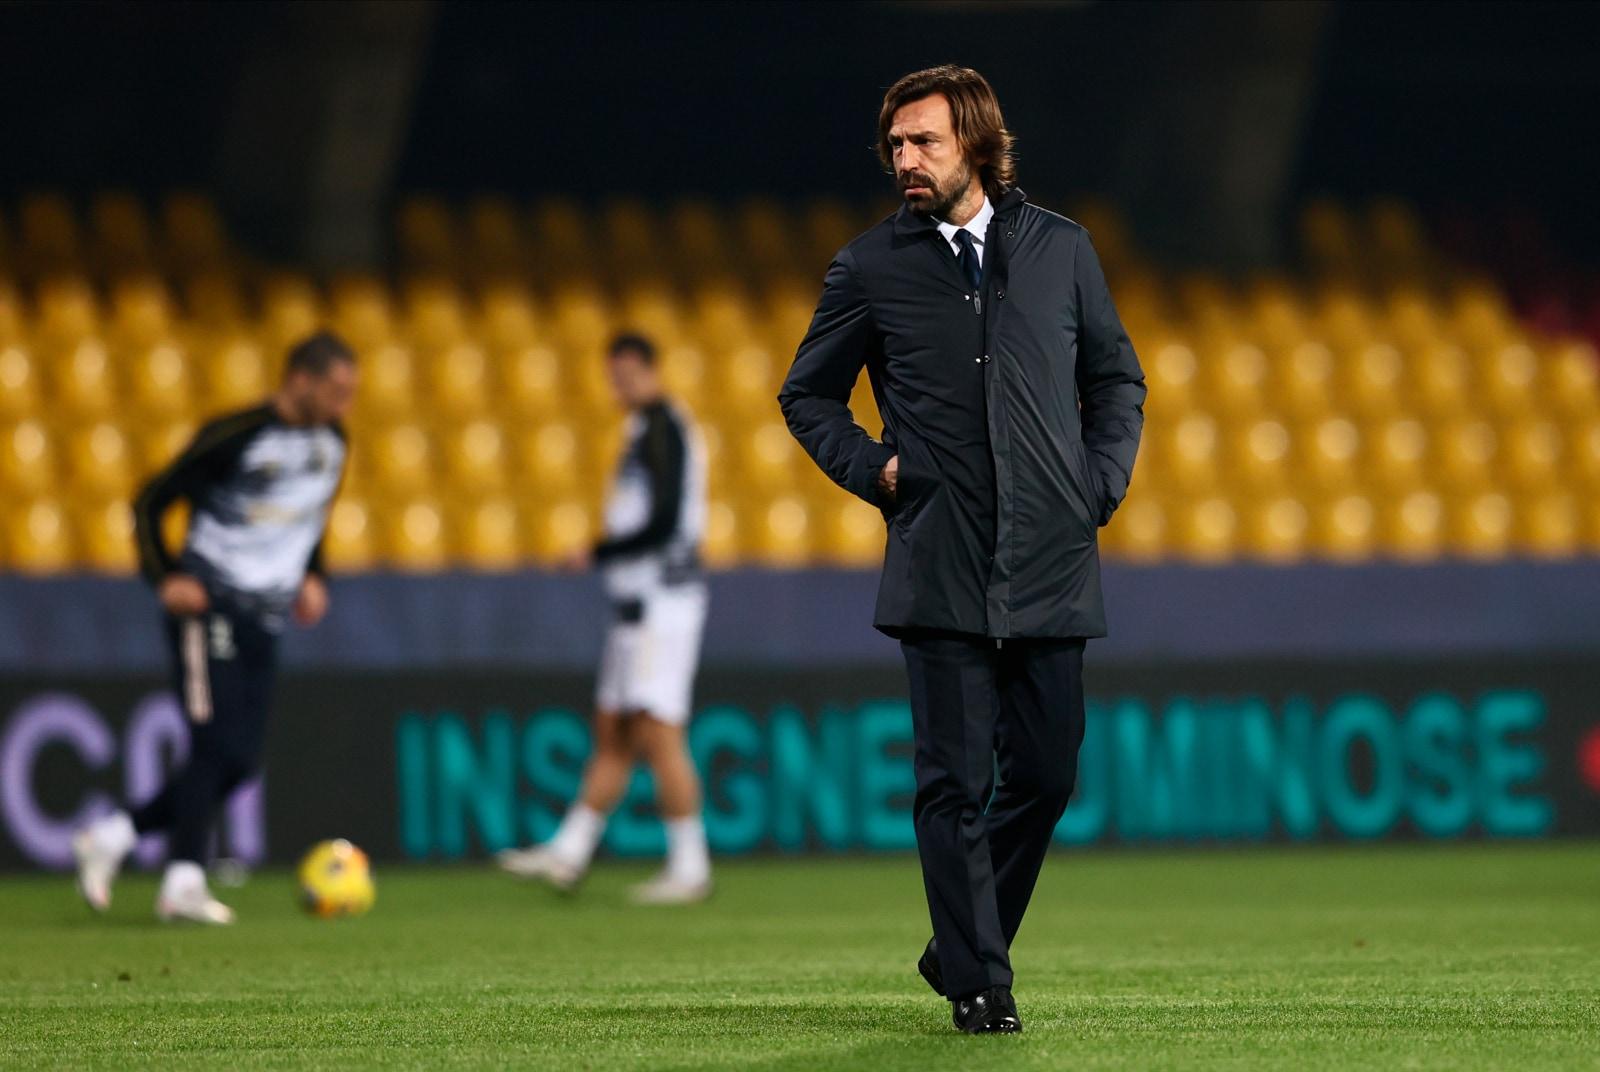 Juve-Dinamo Kiev, la probabile formazione di Pirlo